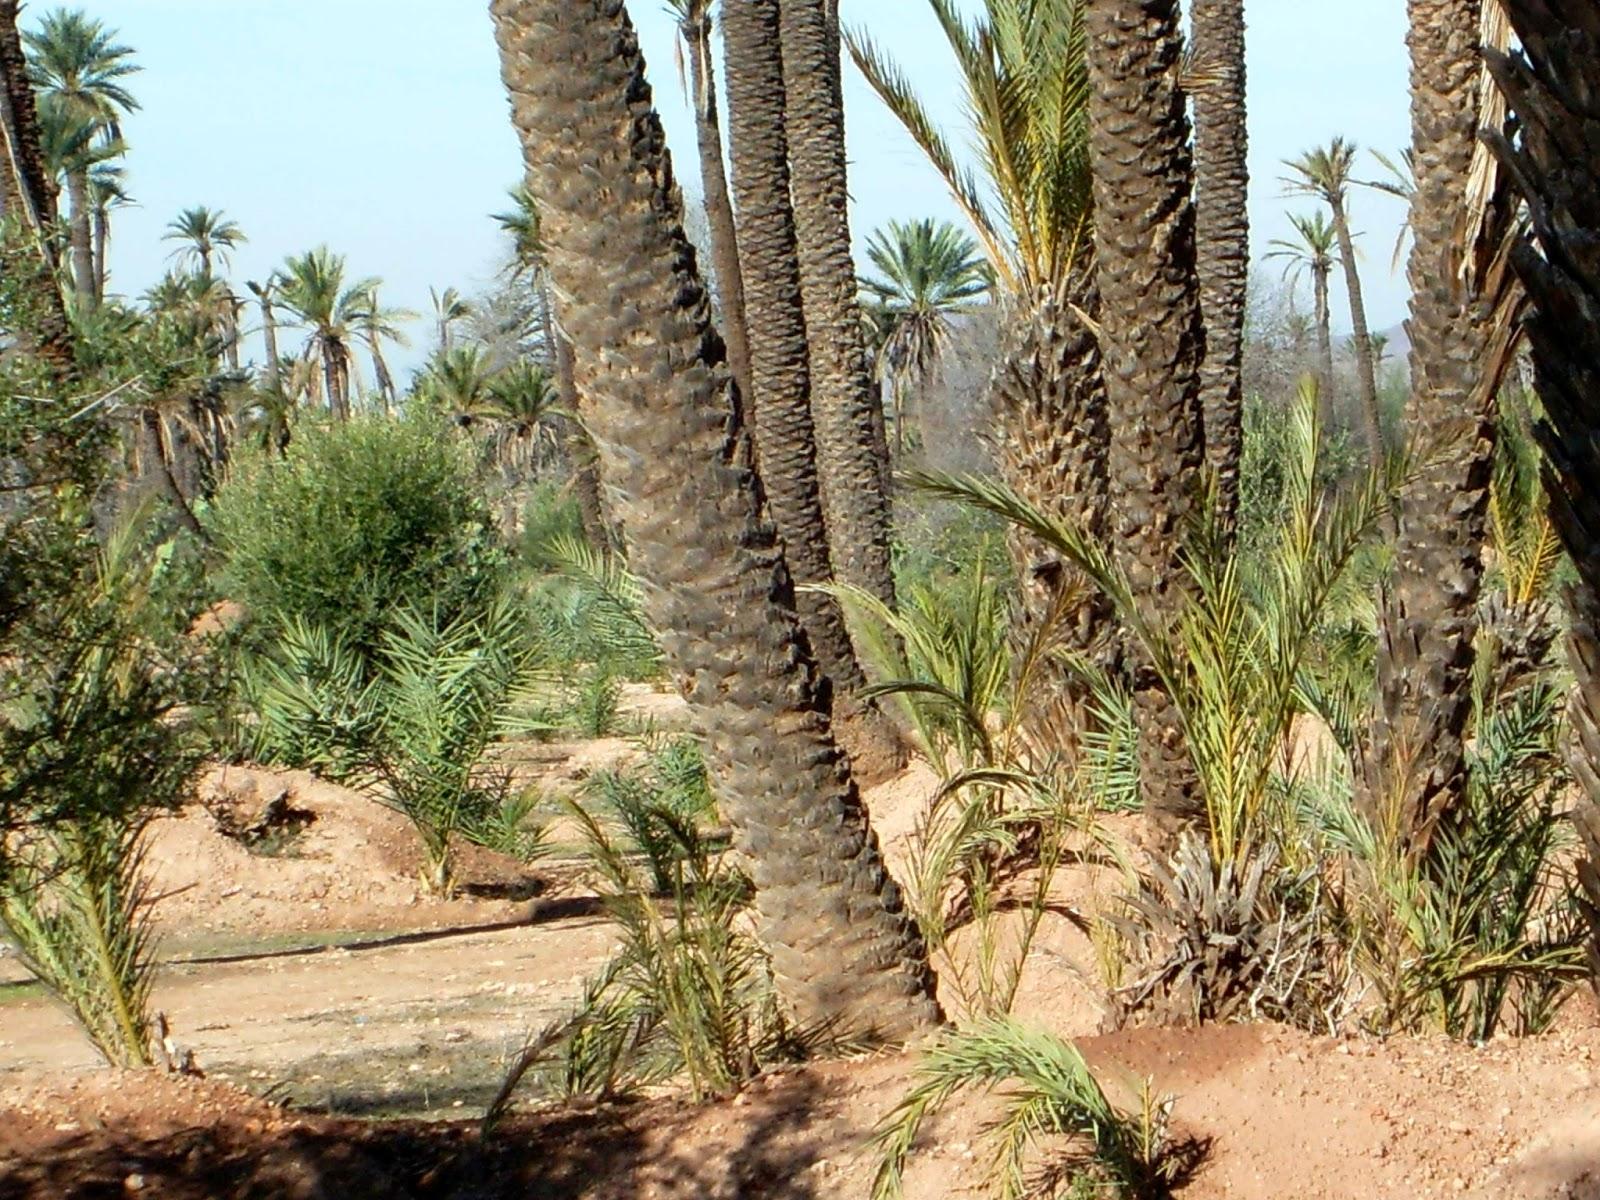 palmiers dattes maroc voyage